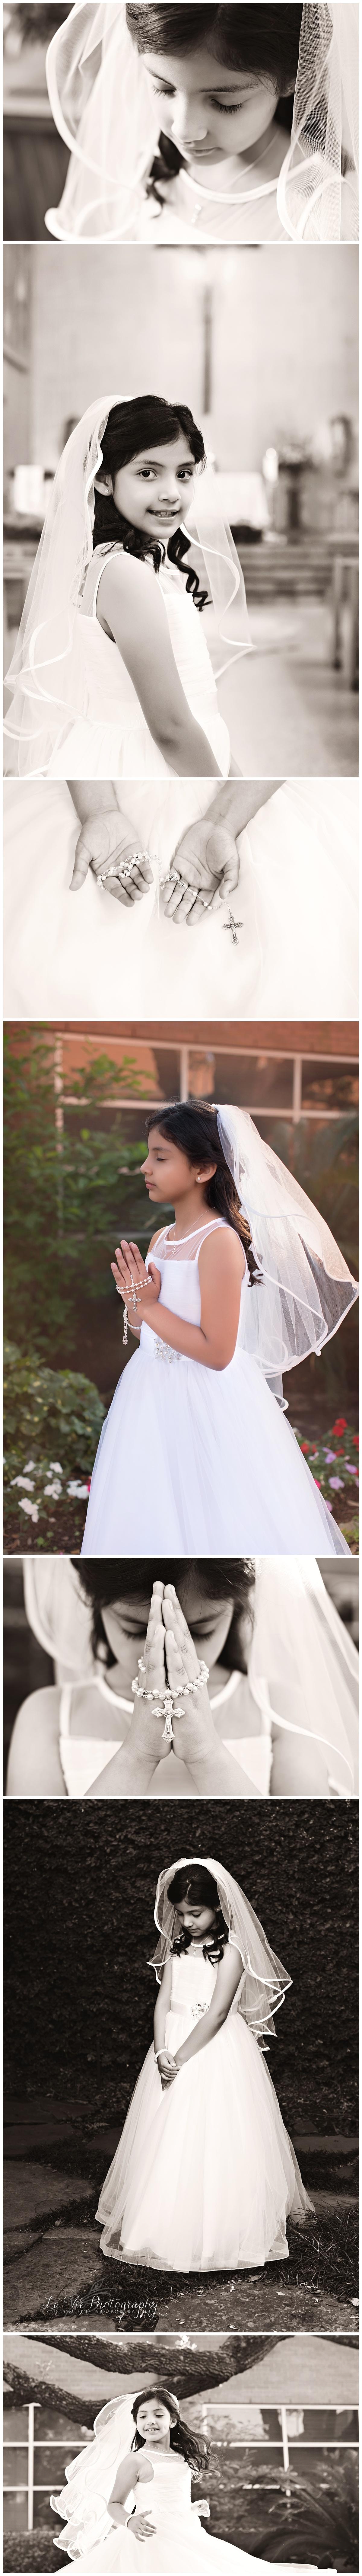 Childrens Portraits-La Vie Photography-Houston,Tx